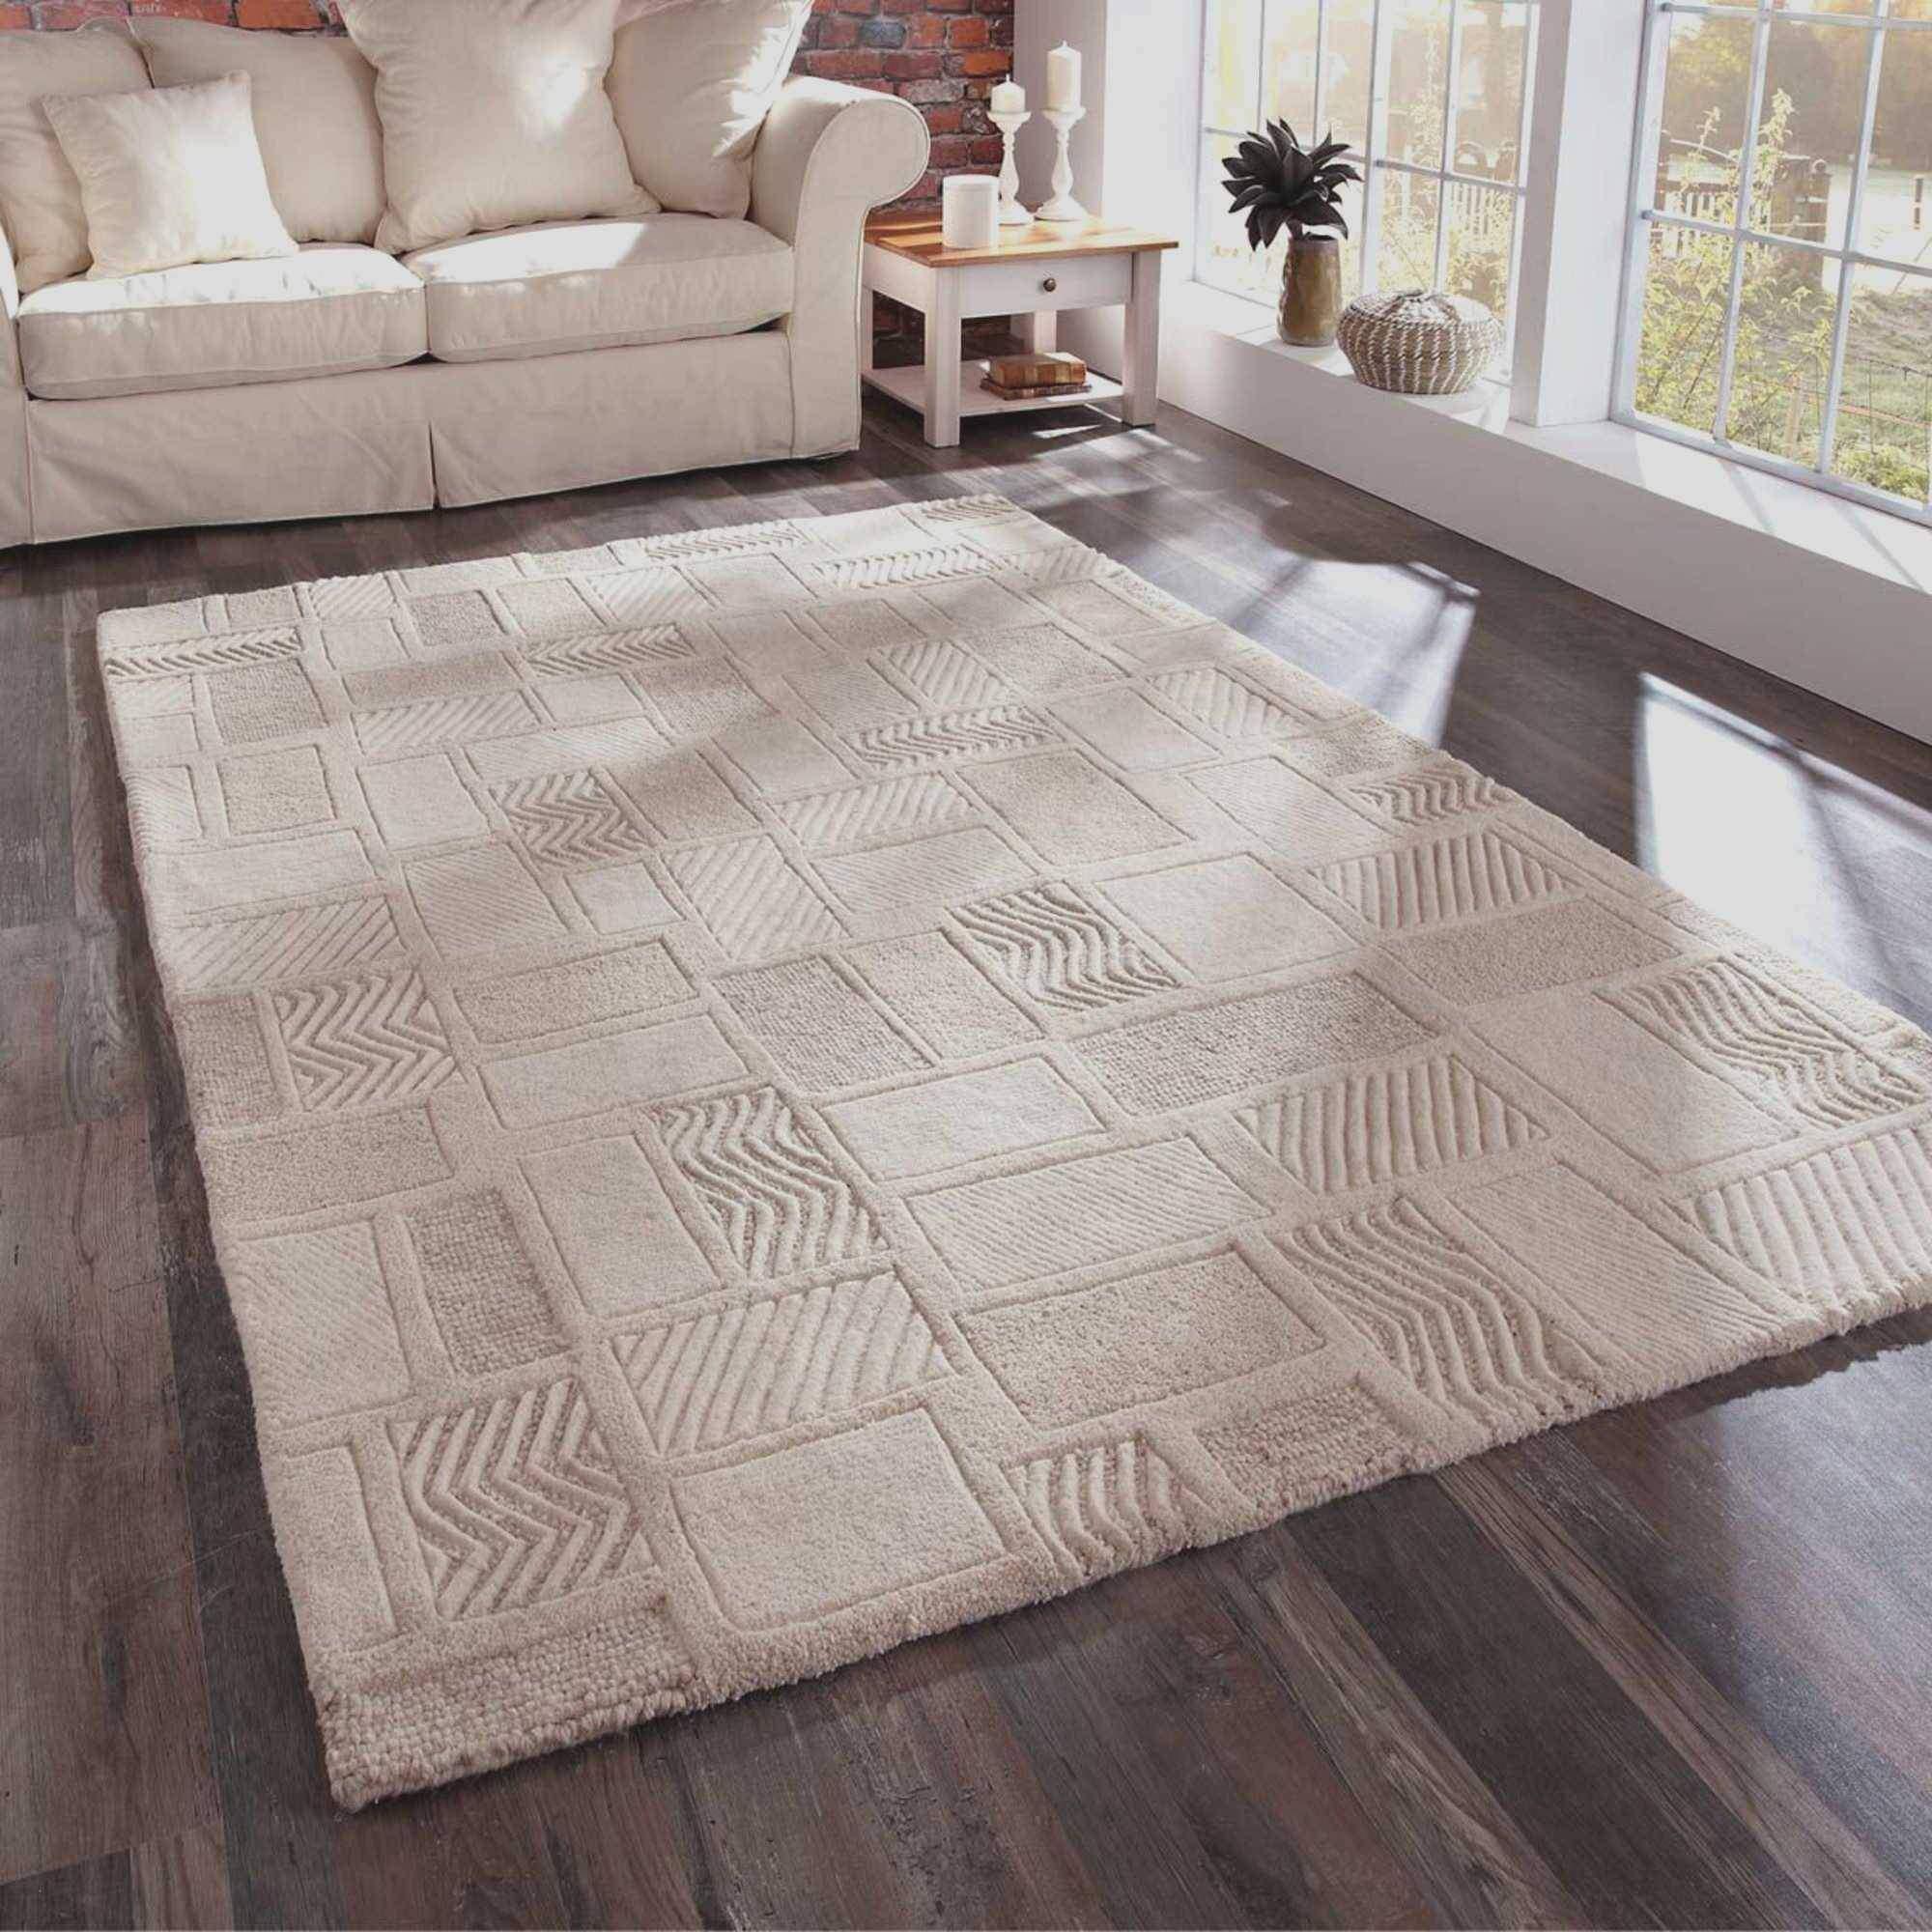 Full Size of Teppich Für Wohnzimmer Modern Wie Groß Teppich Wohnzimmer Wohnzimmer Teppich Auf Rechnung Wohnzimmer Teppich Gold Wohnzimmer Wohnzimmer Teppich